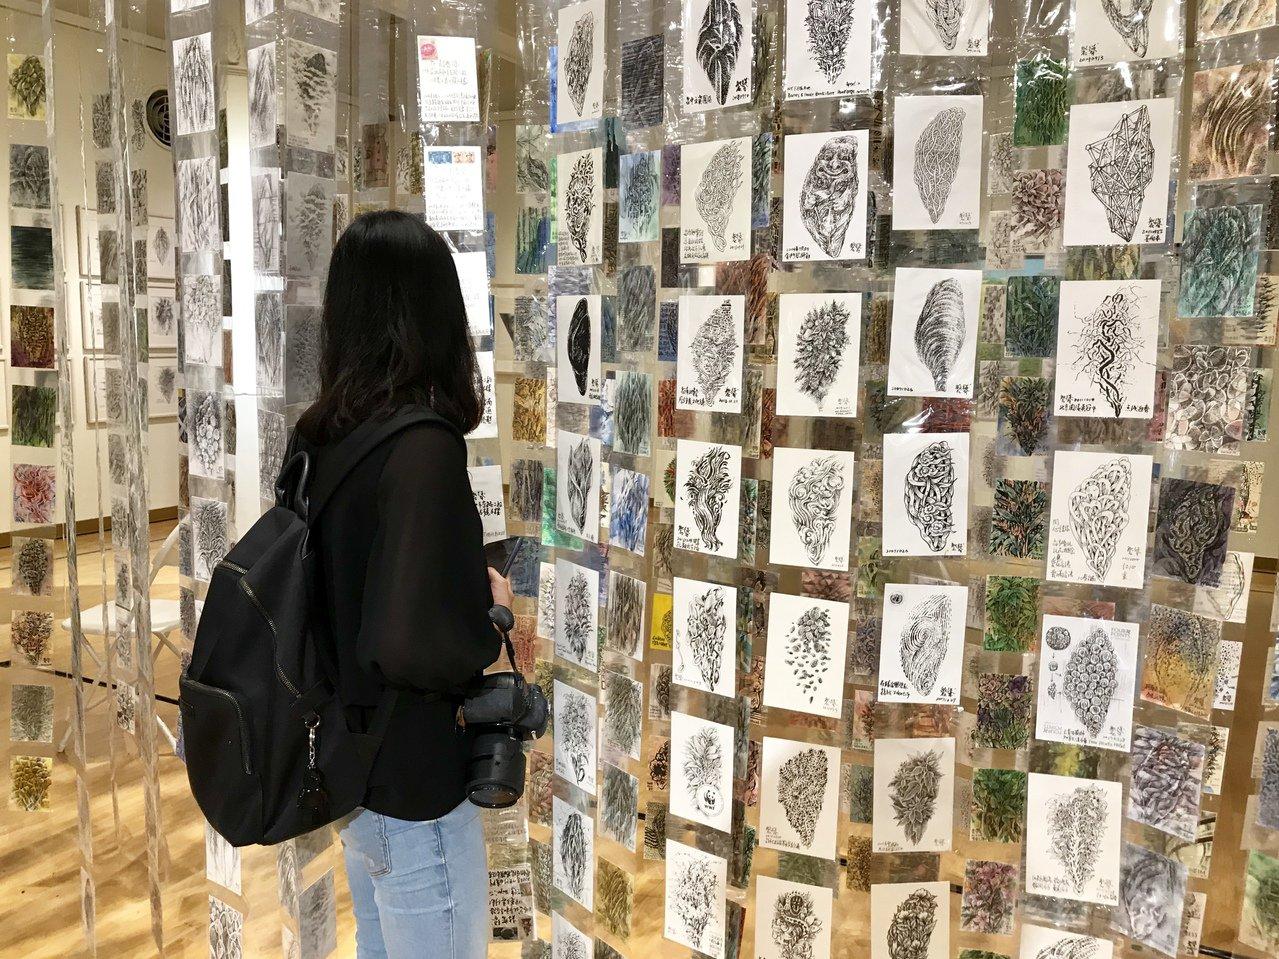 《夢之島嶼》展覽中呈現100幅台灣島畫作,以及900張從世界各國寄回台灣的台灣島...